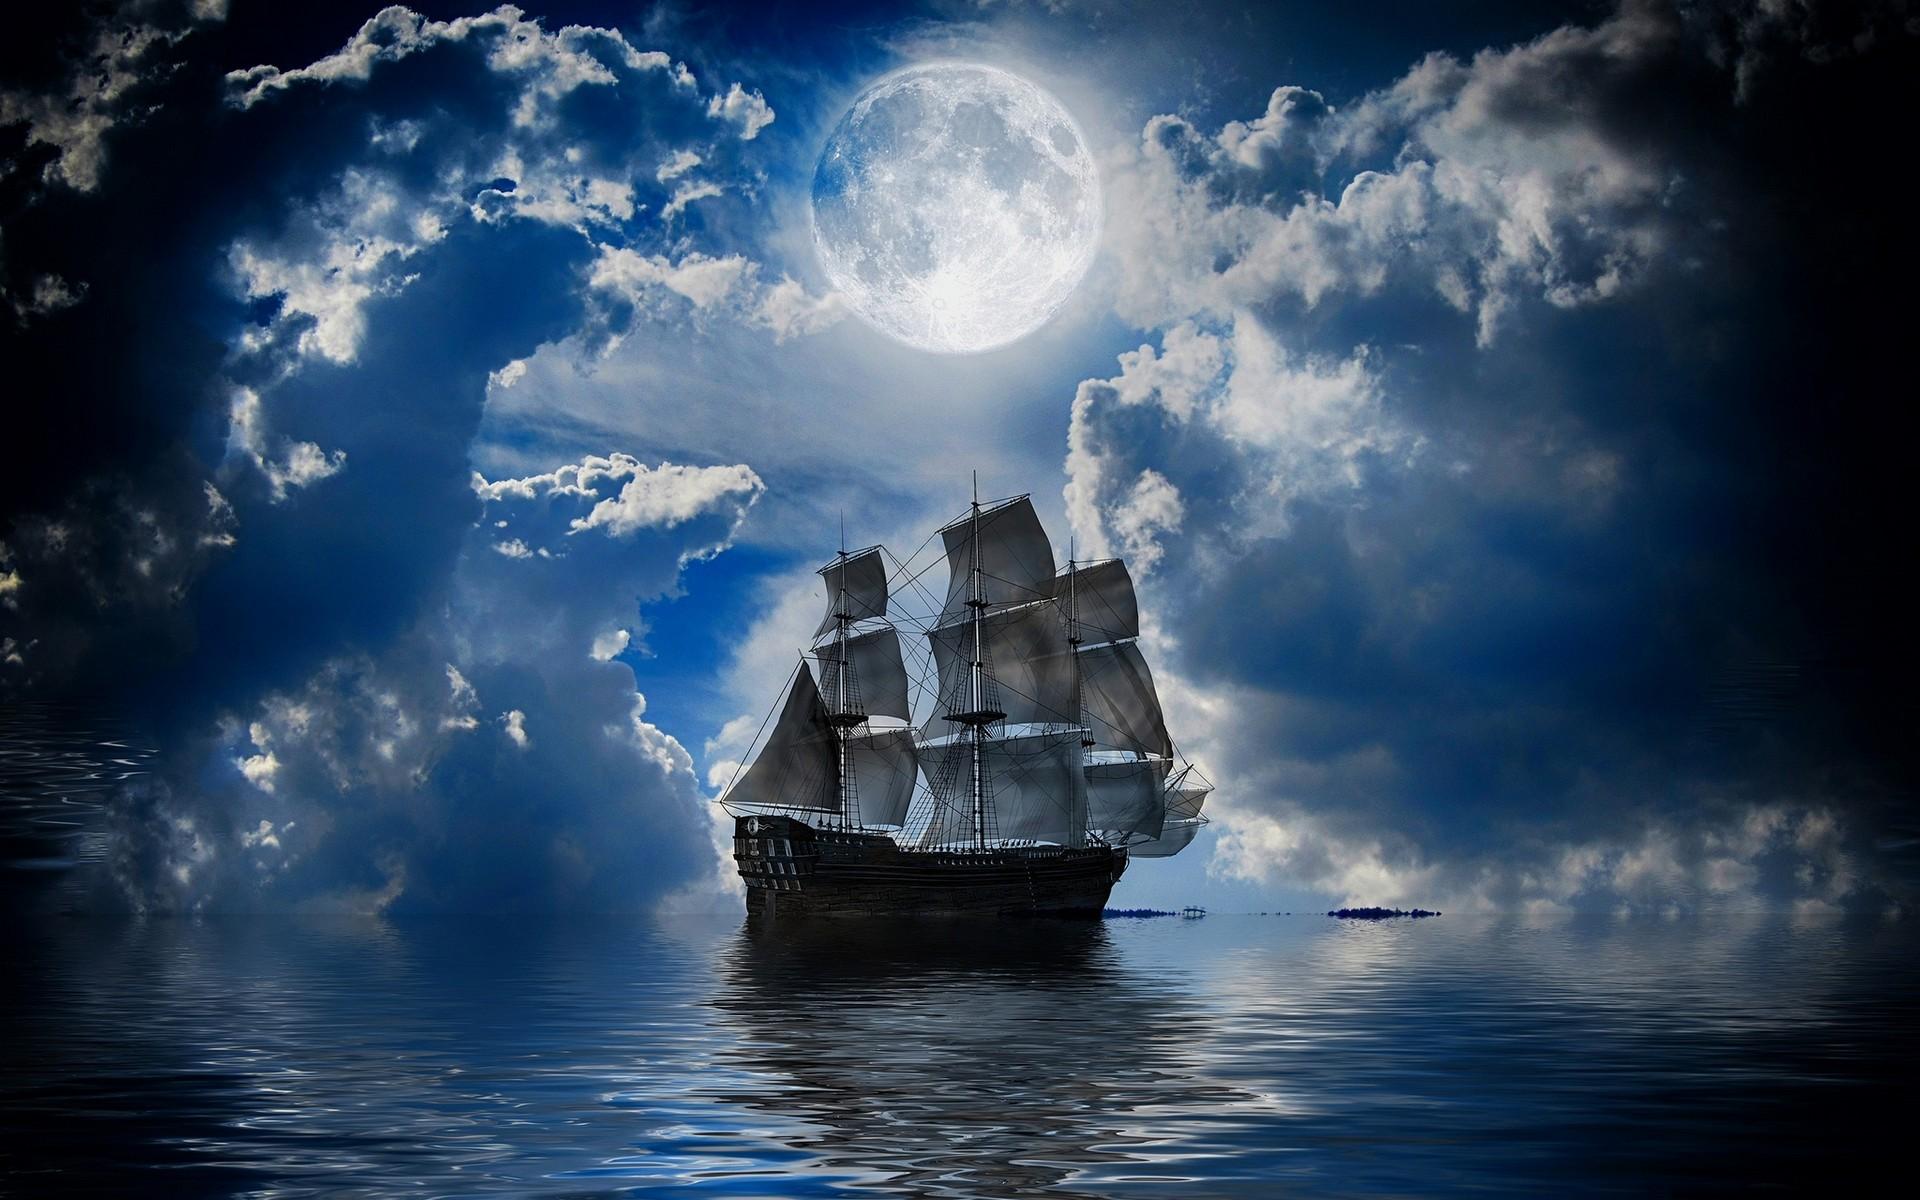 парусник, корабль, море